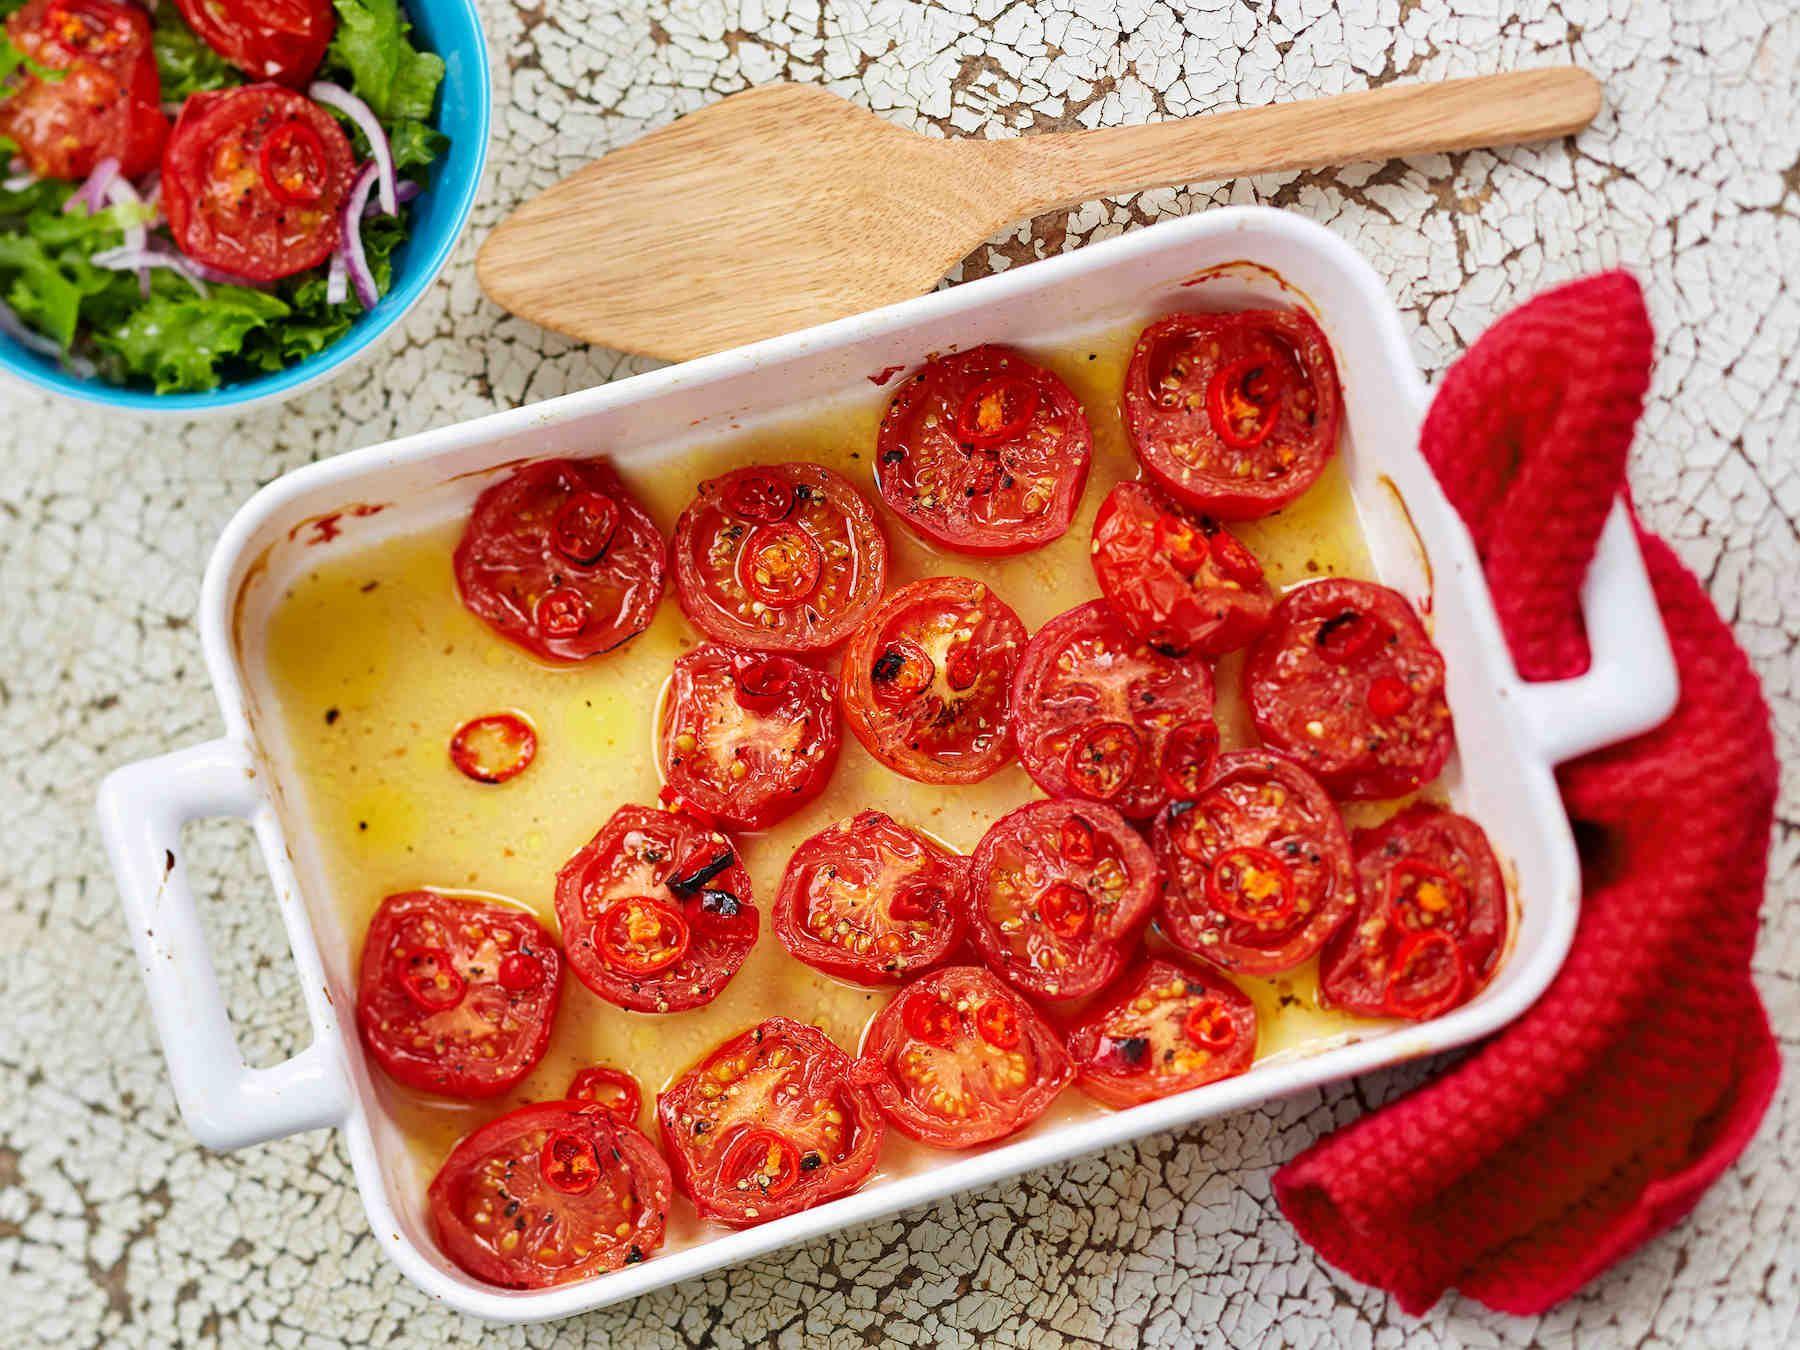 Paahda tomaattiherkku helposti uunissa! Paahdetut chilitomaatit maistuvat salaateissa, lisäkkeenä tai vaikkapa pastan kanssa.